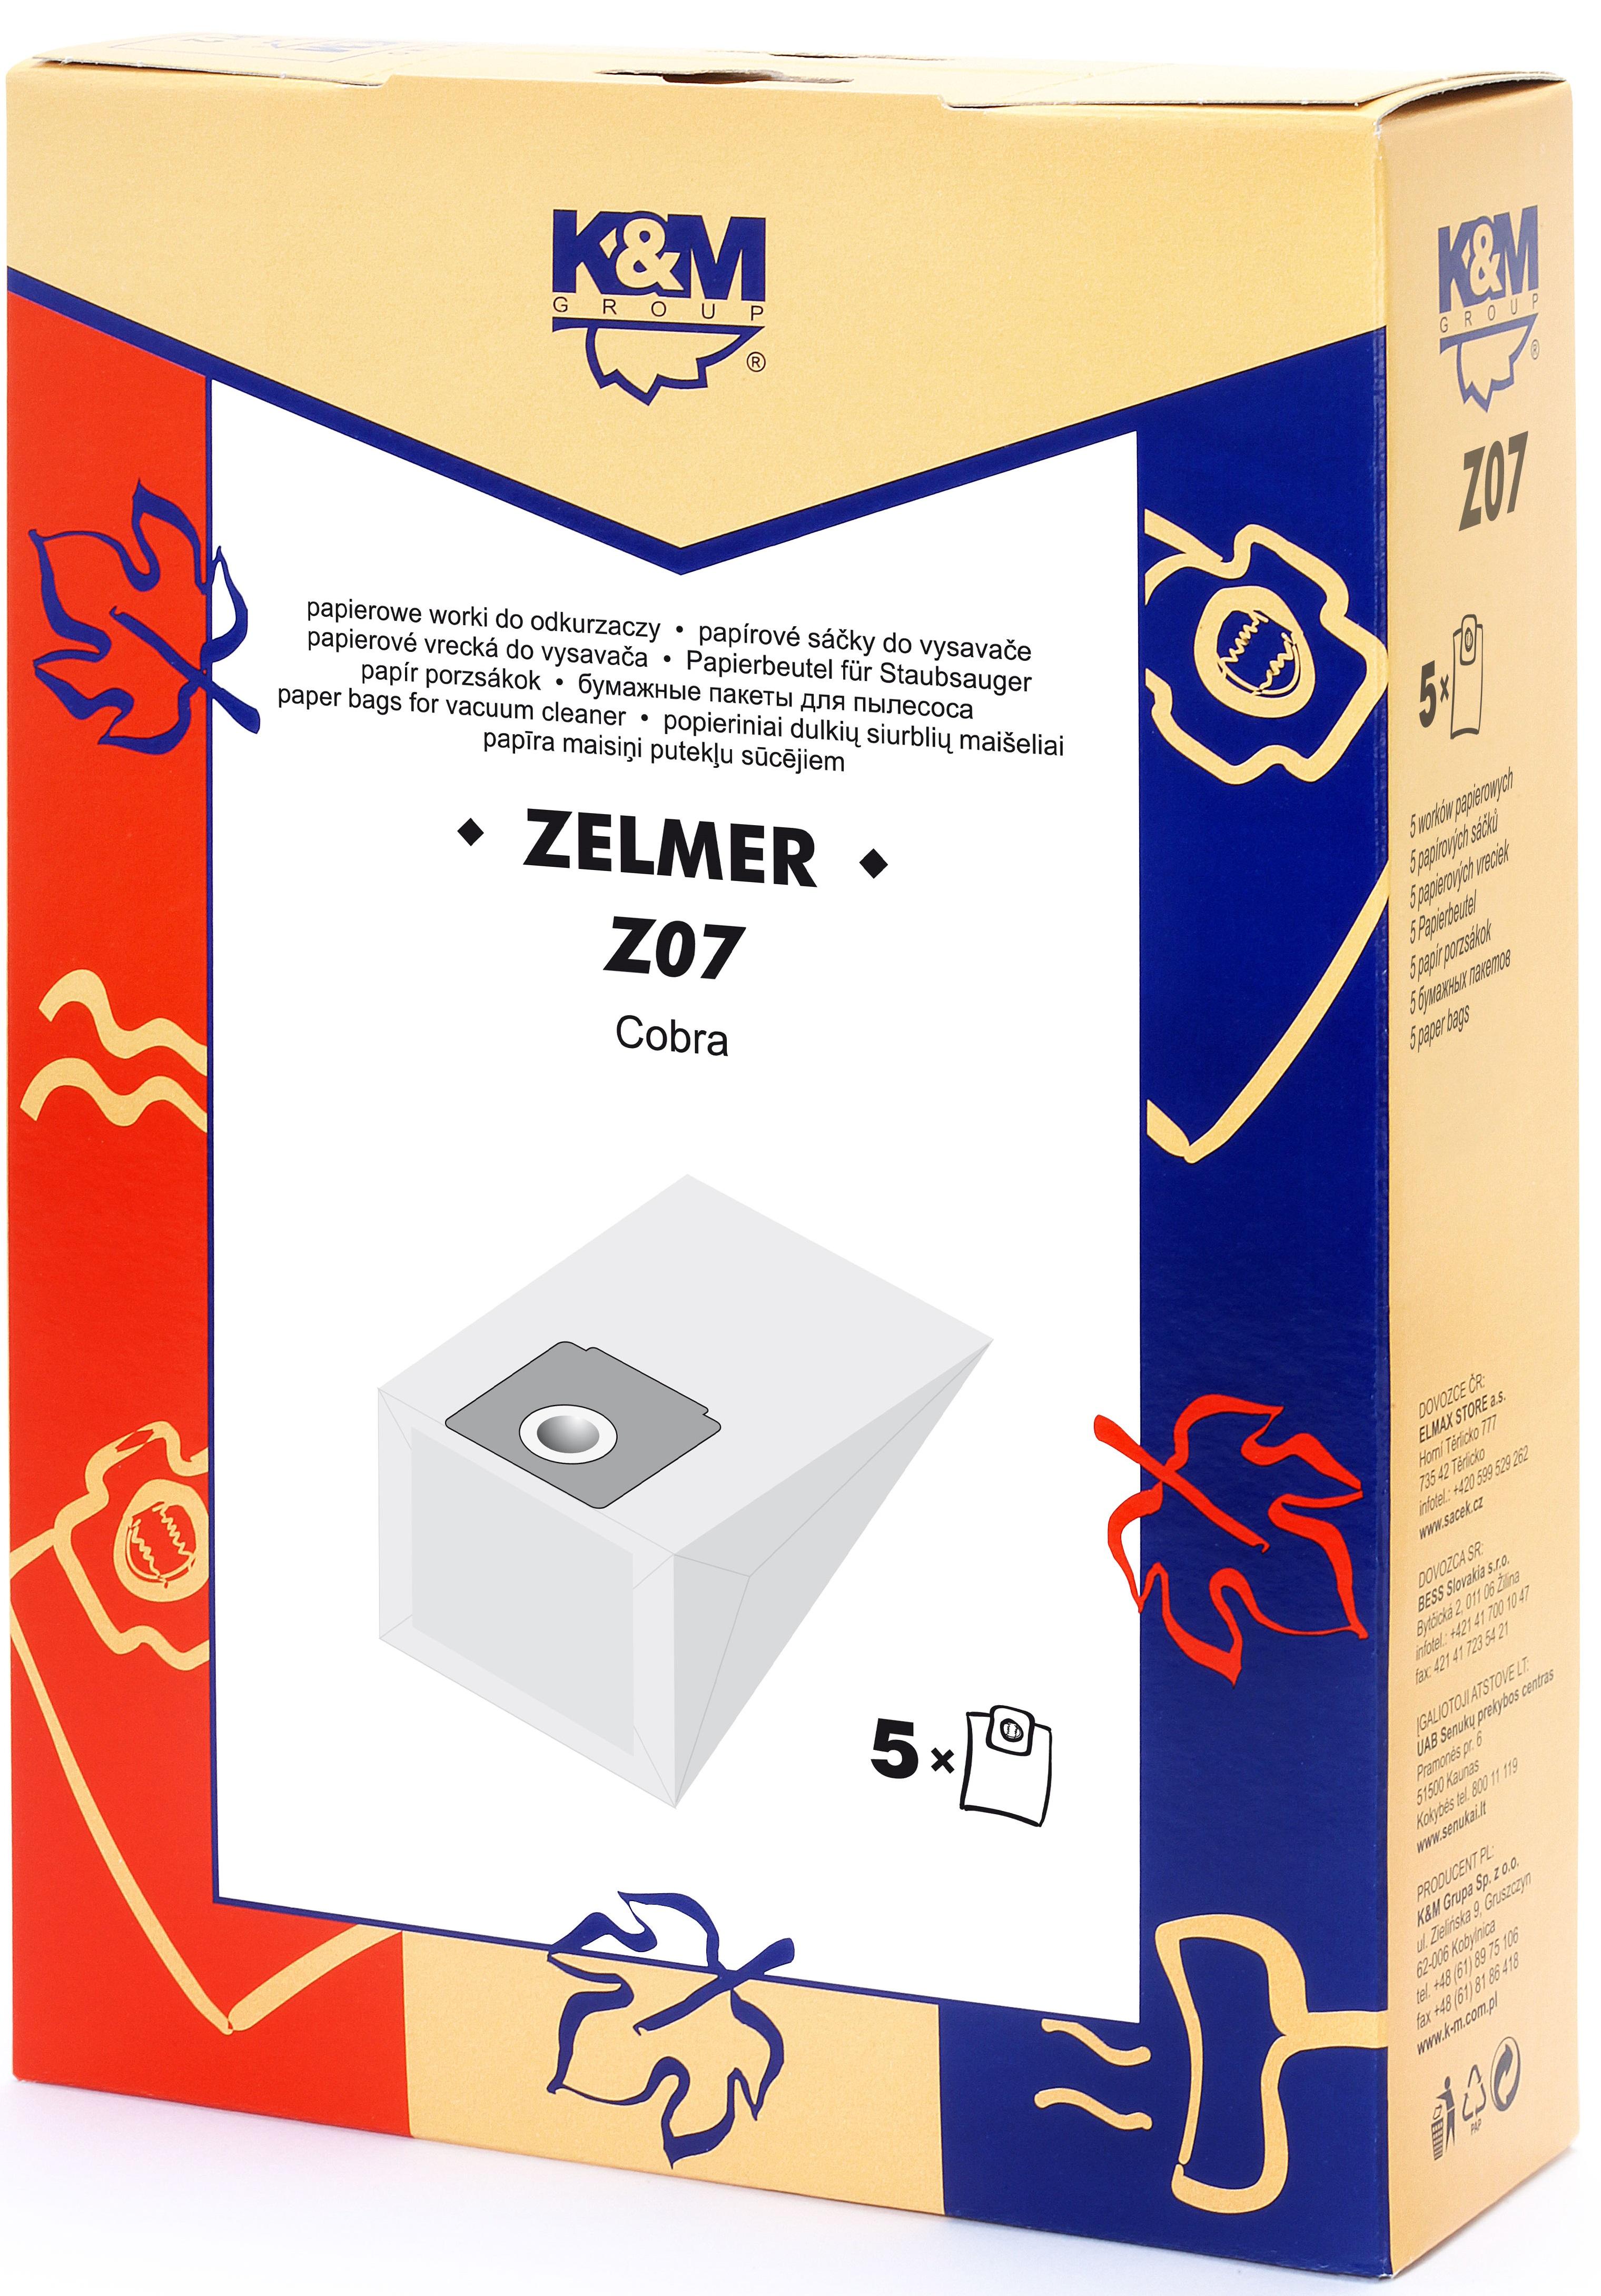 Sac aspirator Zelmer 2000, hartie, 5X saci, K&M [0]